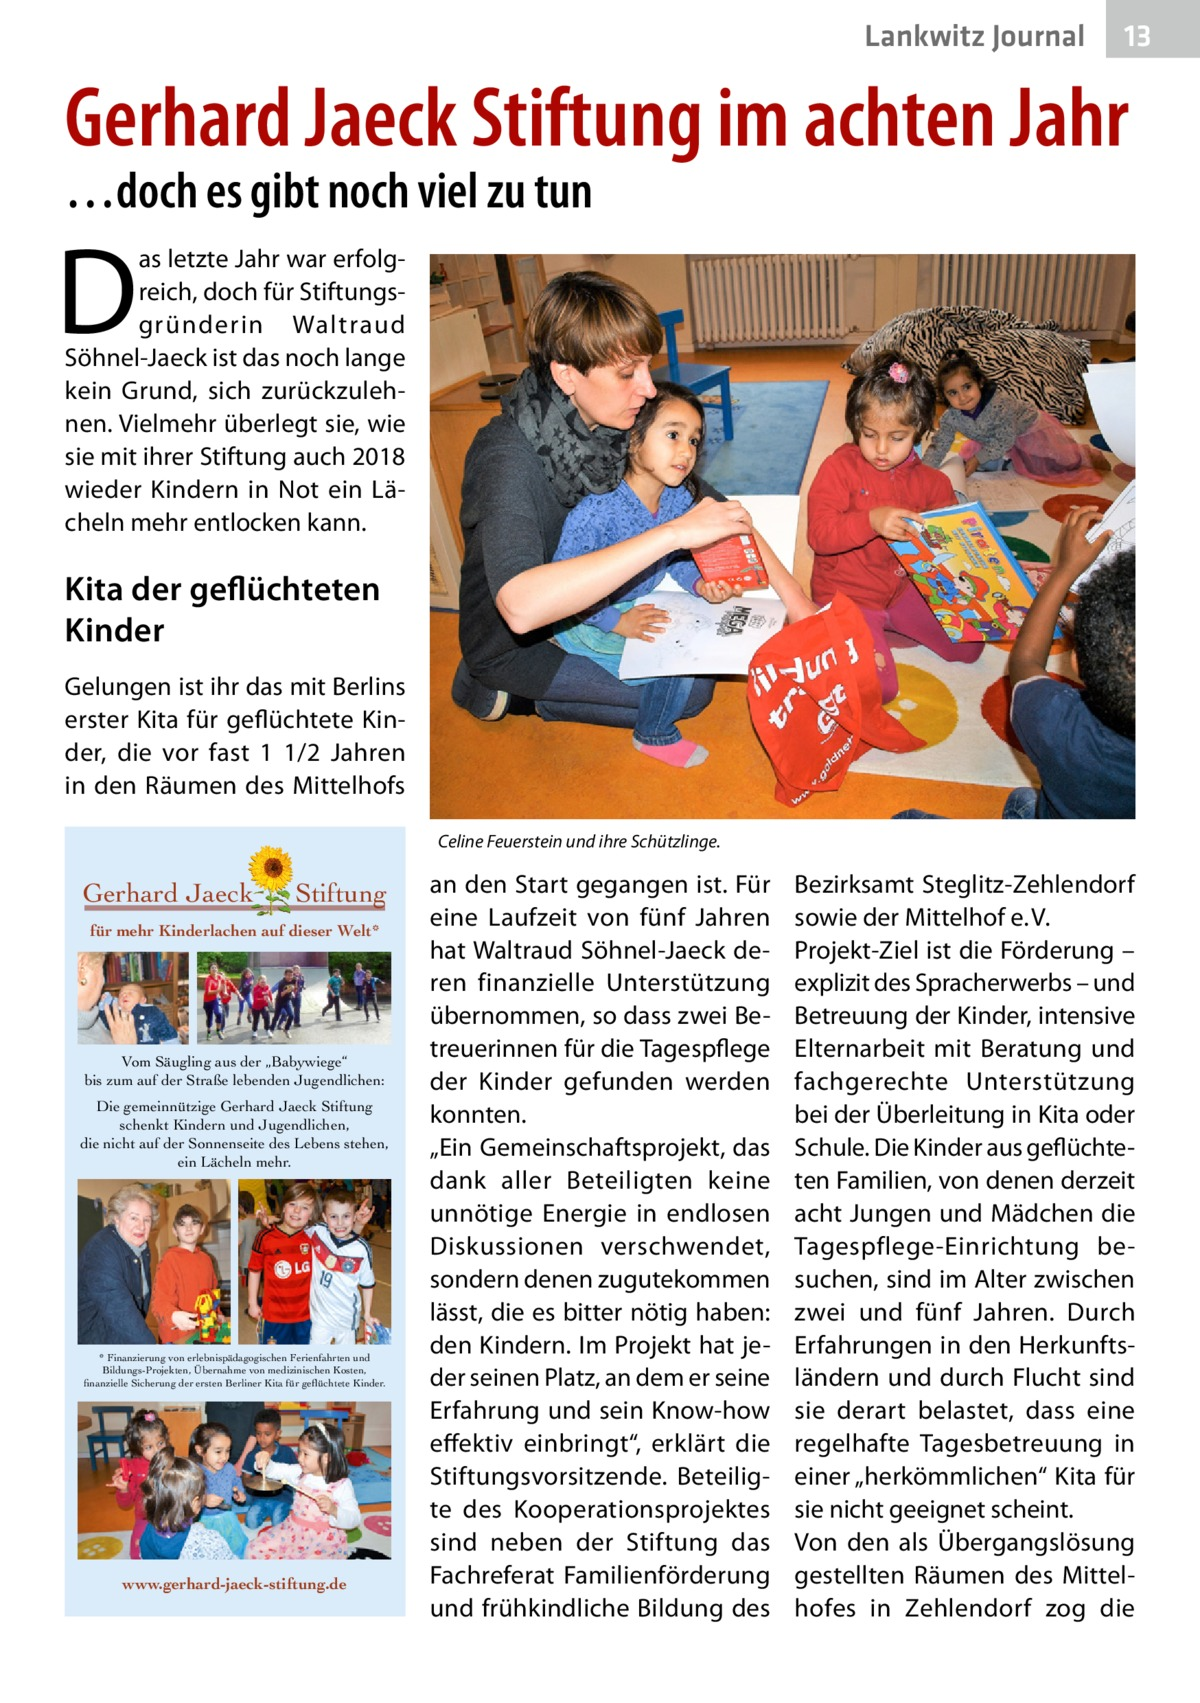 """Lankwitz Journal  13  Gerhard Jaeck Stiftung im achten Jahr …doch es gibt noch viel zu tun  D  as letzte Jahr war erfolgreich, doch für Stiftungsgründerin Waltraud Söhnel-Jaeck ist das noch lange kein Grund, sich zurückzulehnen. Vielmehr überlegt sie, wie sie mit ihrer Stiftung auch 2018 wieder Kindern in Not ein Lächeln mehr entlocken kann.  Kita der geflüchteten Kinder Gelungen ist ihr das mit Berlins erster Kita für geflüchtete Kinder, die vor fast 1 1/2 Jahren in den Räumen des Mittelhofs Celine Feuerstein und ihre Schützlinge.  Gerhard Jaeck  Stiftung  für mehr Kinderlachen auf dieser Welt*  Vom Säugling aus der """"Babywiege"""" bis zum auf der Straße lebenden Jugendlichen: Die gemeinnützige Gerhard Jaeck Stiftung schenkt Kindern und Jugendlichen, die nicht auf der Sonnenseite des Lebens stehen, ein Lächeln mehr.  * Finanzierung von erlebnispädagogischen Ferienfahrten und Bildungs-Projekten, Übernahme von medizinischen Kosten, finanzielle Sicherung der ersten Berliner Kita für geflüchtete Kinder.  www.gerhard-jaeck-stiftung.de  an den Start gegangen ist. Für eine Laufzeit von fünf Jahren hat Waltraud Söhnel-Jaeck deren finanzielle Unterstützung übernommen, so dass zwei Betreuerinnen für die Tagespflege der Kinder gefunden werden konnten. """"Ein Gemeinschaftsprojekt, das dank aller Beteiligten keine unnötige Energie in endlosen Diskussionen verschwendet, sondern denen zugutekommen lässt, die es bitter nötig haben: den Kindern. Im Projekt hat jeder seinen Platz, an dem er seine Erfahrung und sein Know-how effektiv einbringt"""", erklärt die Stiftungsvorsitzende. Beteiligte des Kooperationsprojektes sind neben der Stiftung das Fachreferat Familienförderung und frühkindliche Bildung des  Bezirksamt Steglitz-Zehlendorf sowie der Mittelhof e.V. Projekt-Ziel ist die Förderung – explizit des Spracherwerbs – und Betreuung der Kinder, intensive Elternarbeit mit Beratung und fachgerechte Unterstützung bei der Überleitung in Kita oder Schule. Die Kinder aus geflüchteten Familien, vo"""